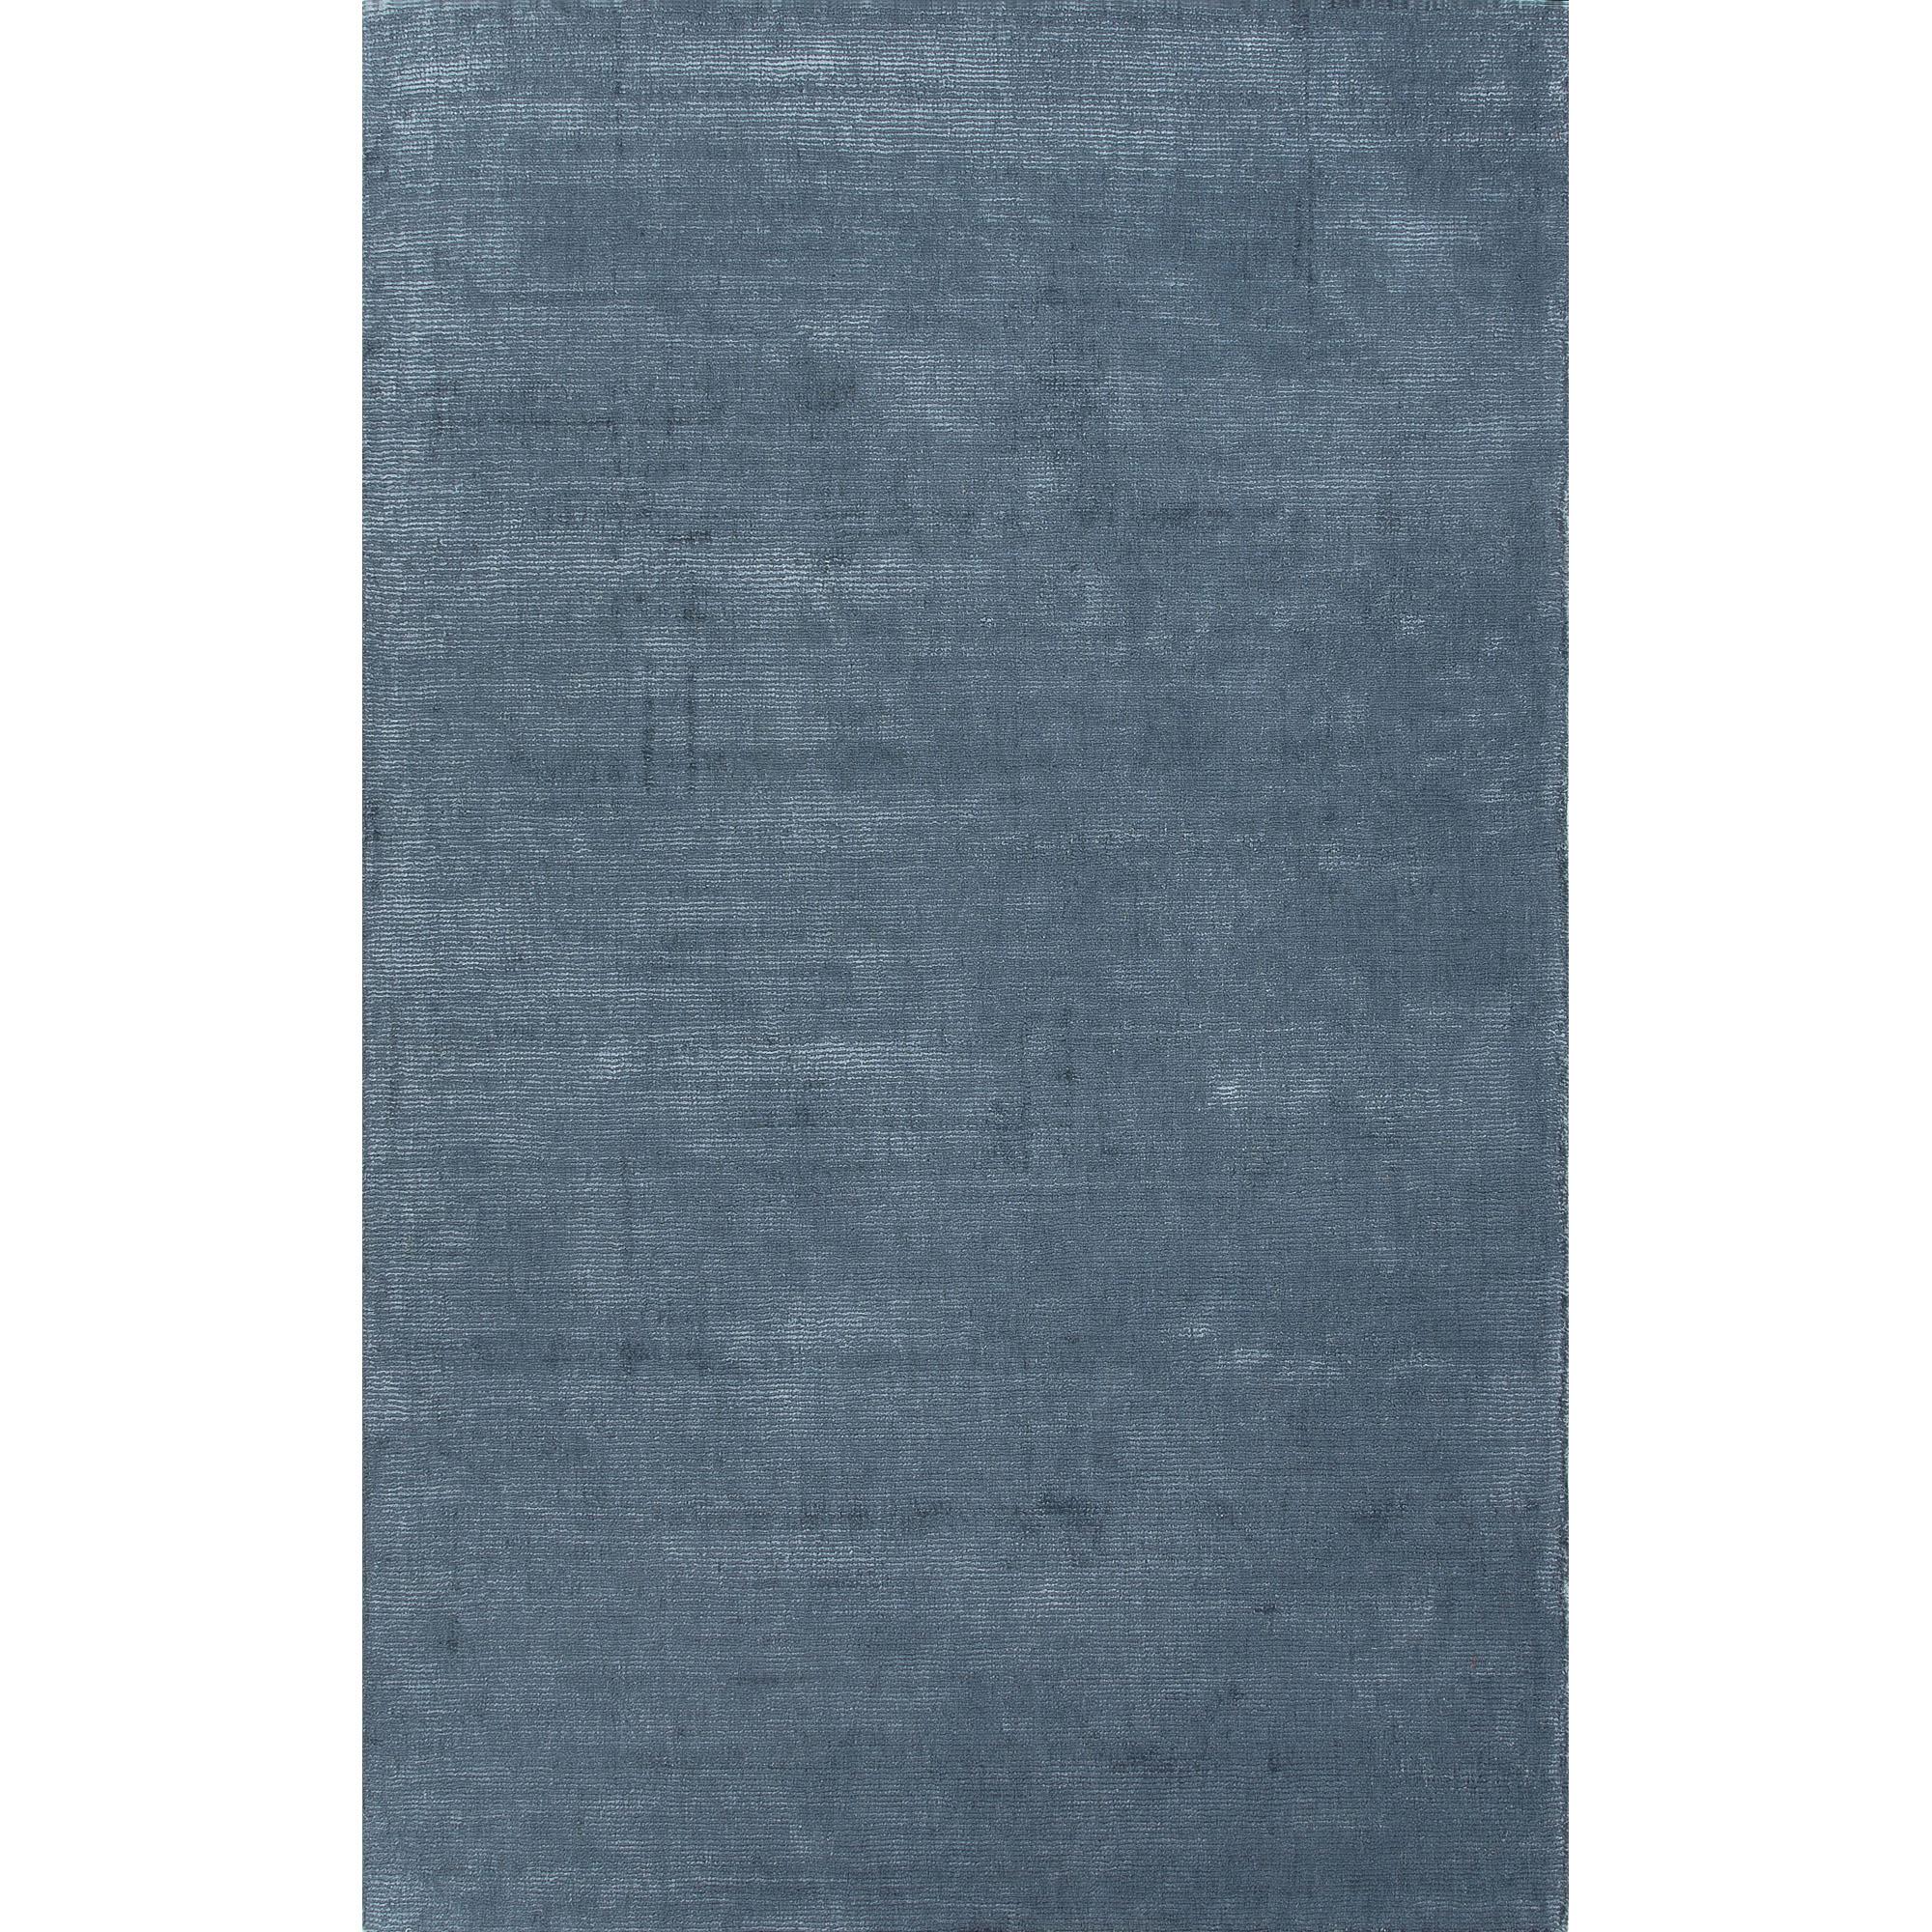 JAIPUR Rugs Konstrukt 5 x 8 Rug - Item Number: RUG109622